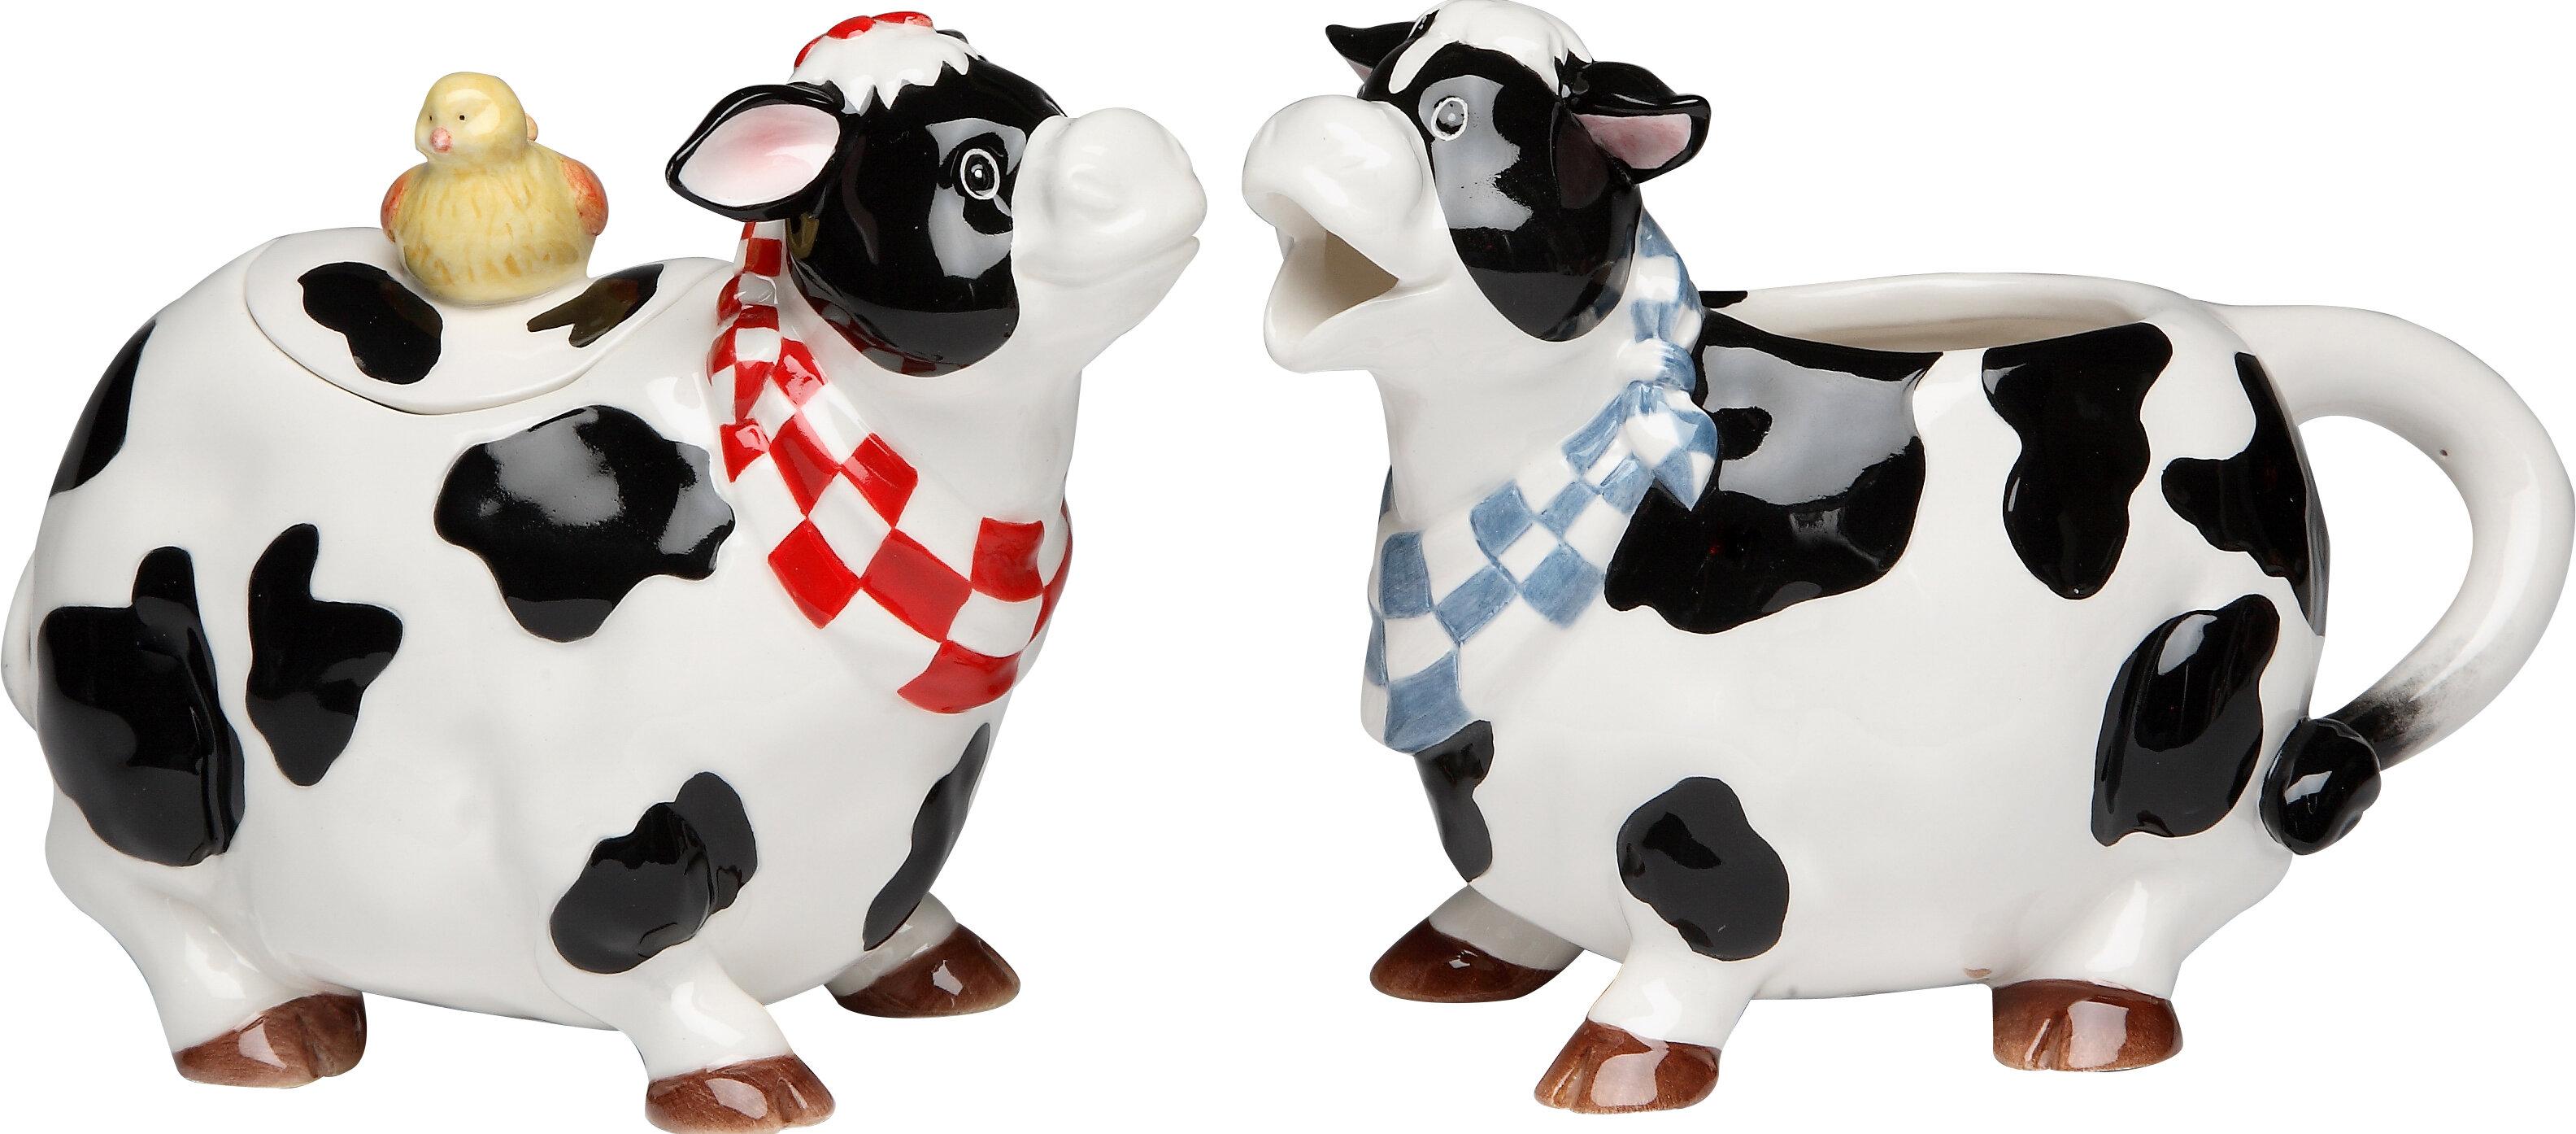 Do Cow Sugar And Creamer Set